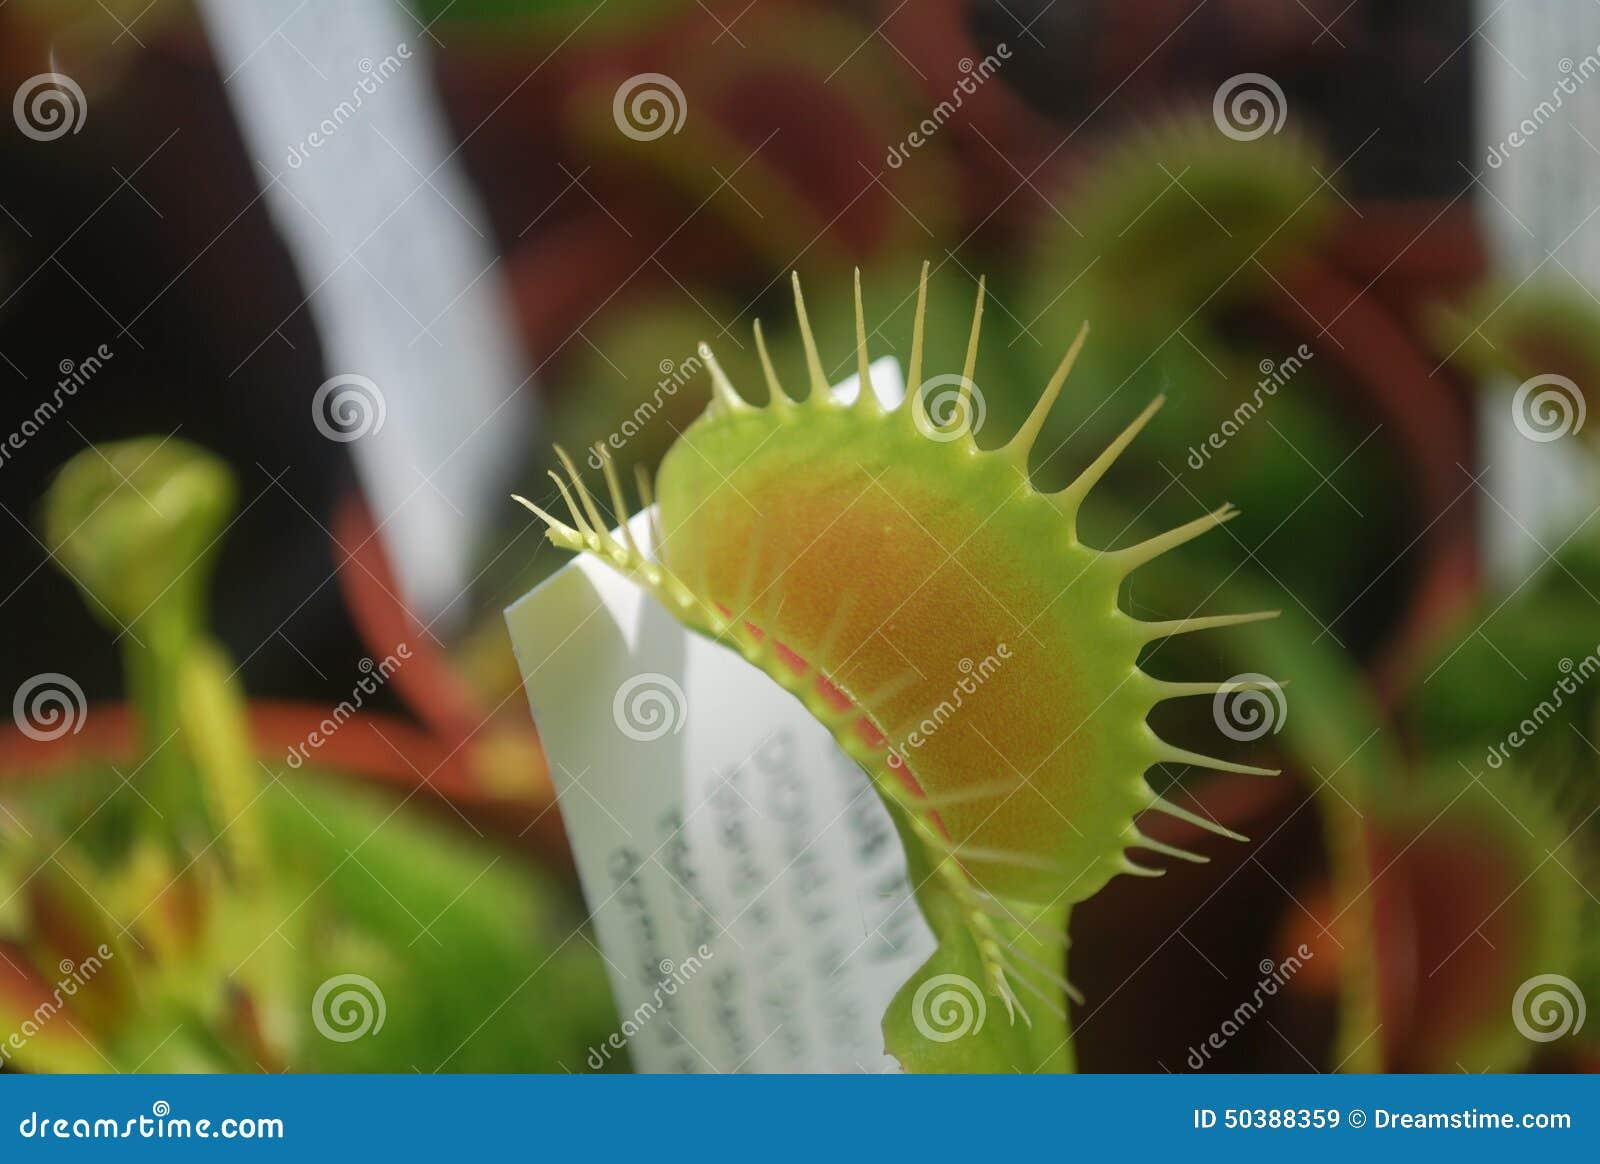 Flytrap της Αφροδίτης